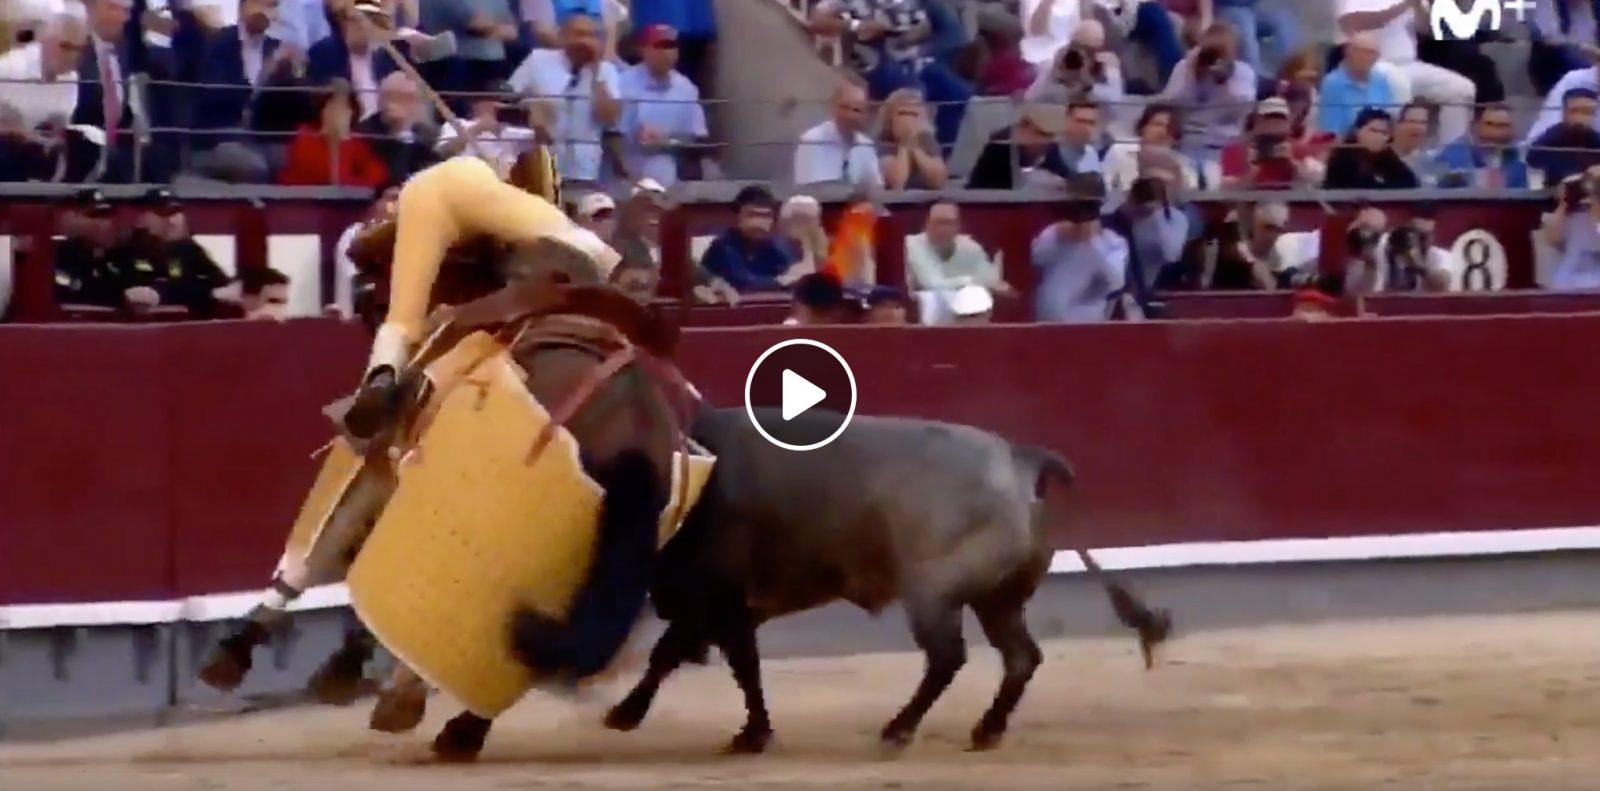 """VIDEO // """"Fogoso"""" de La Quinta y Juan Francisco Peña, une rencontre pour un bon tercio de varas"""